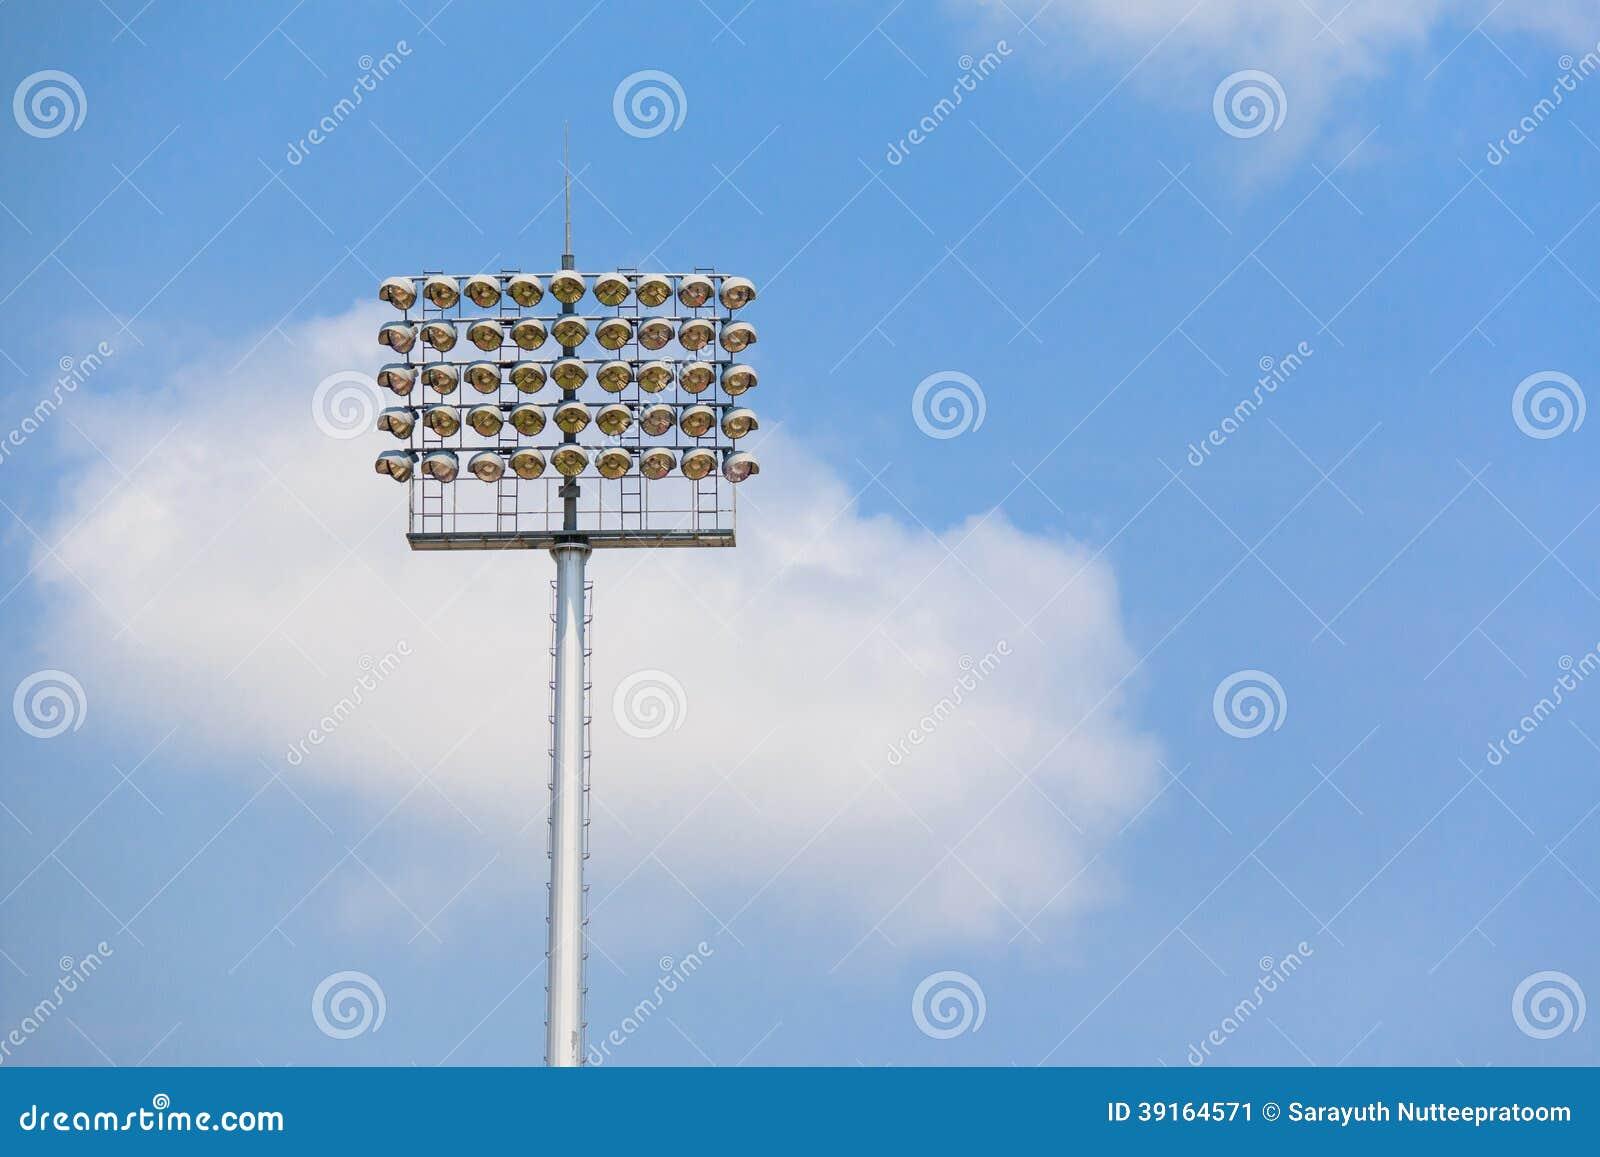 Stade Polonais légers